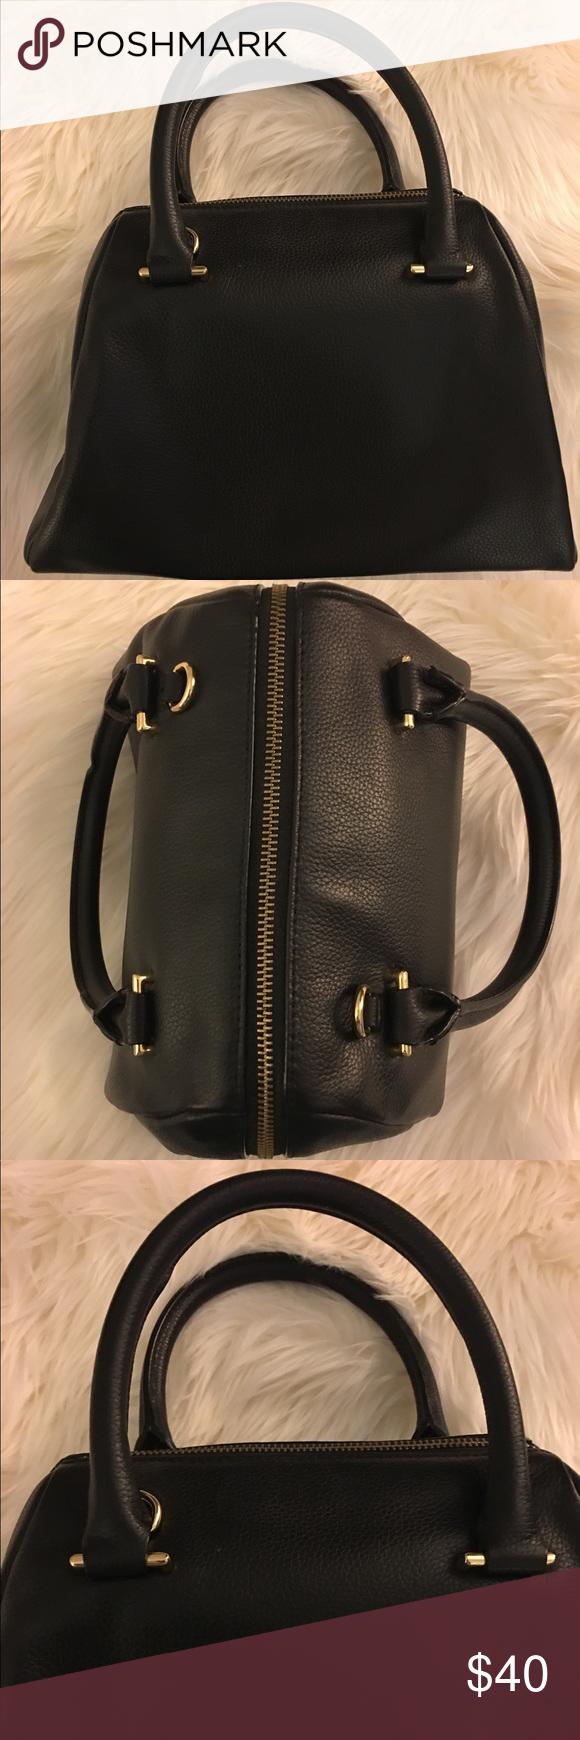 Banana Republic Black Leather Olivia Handbag Banana